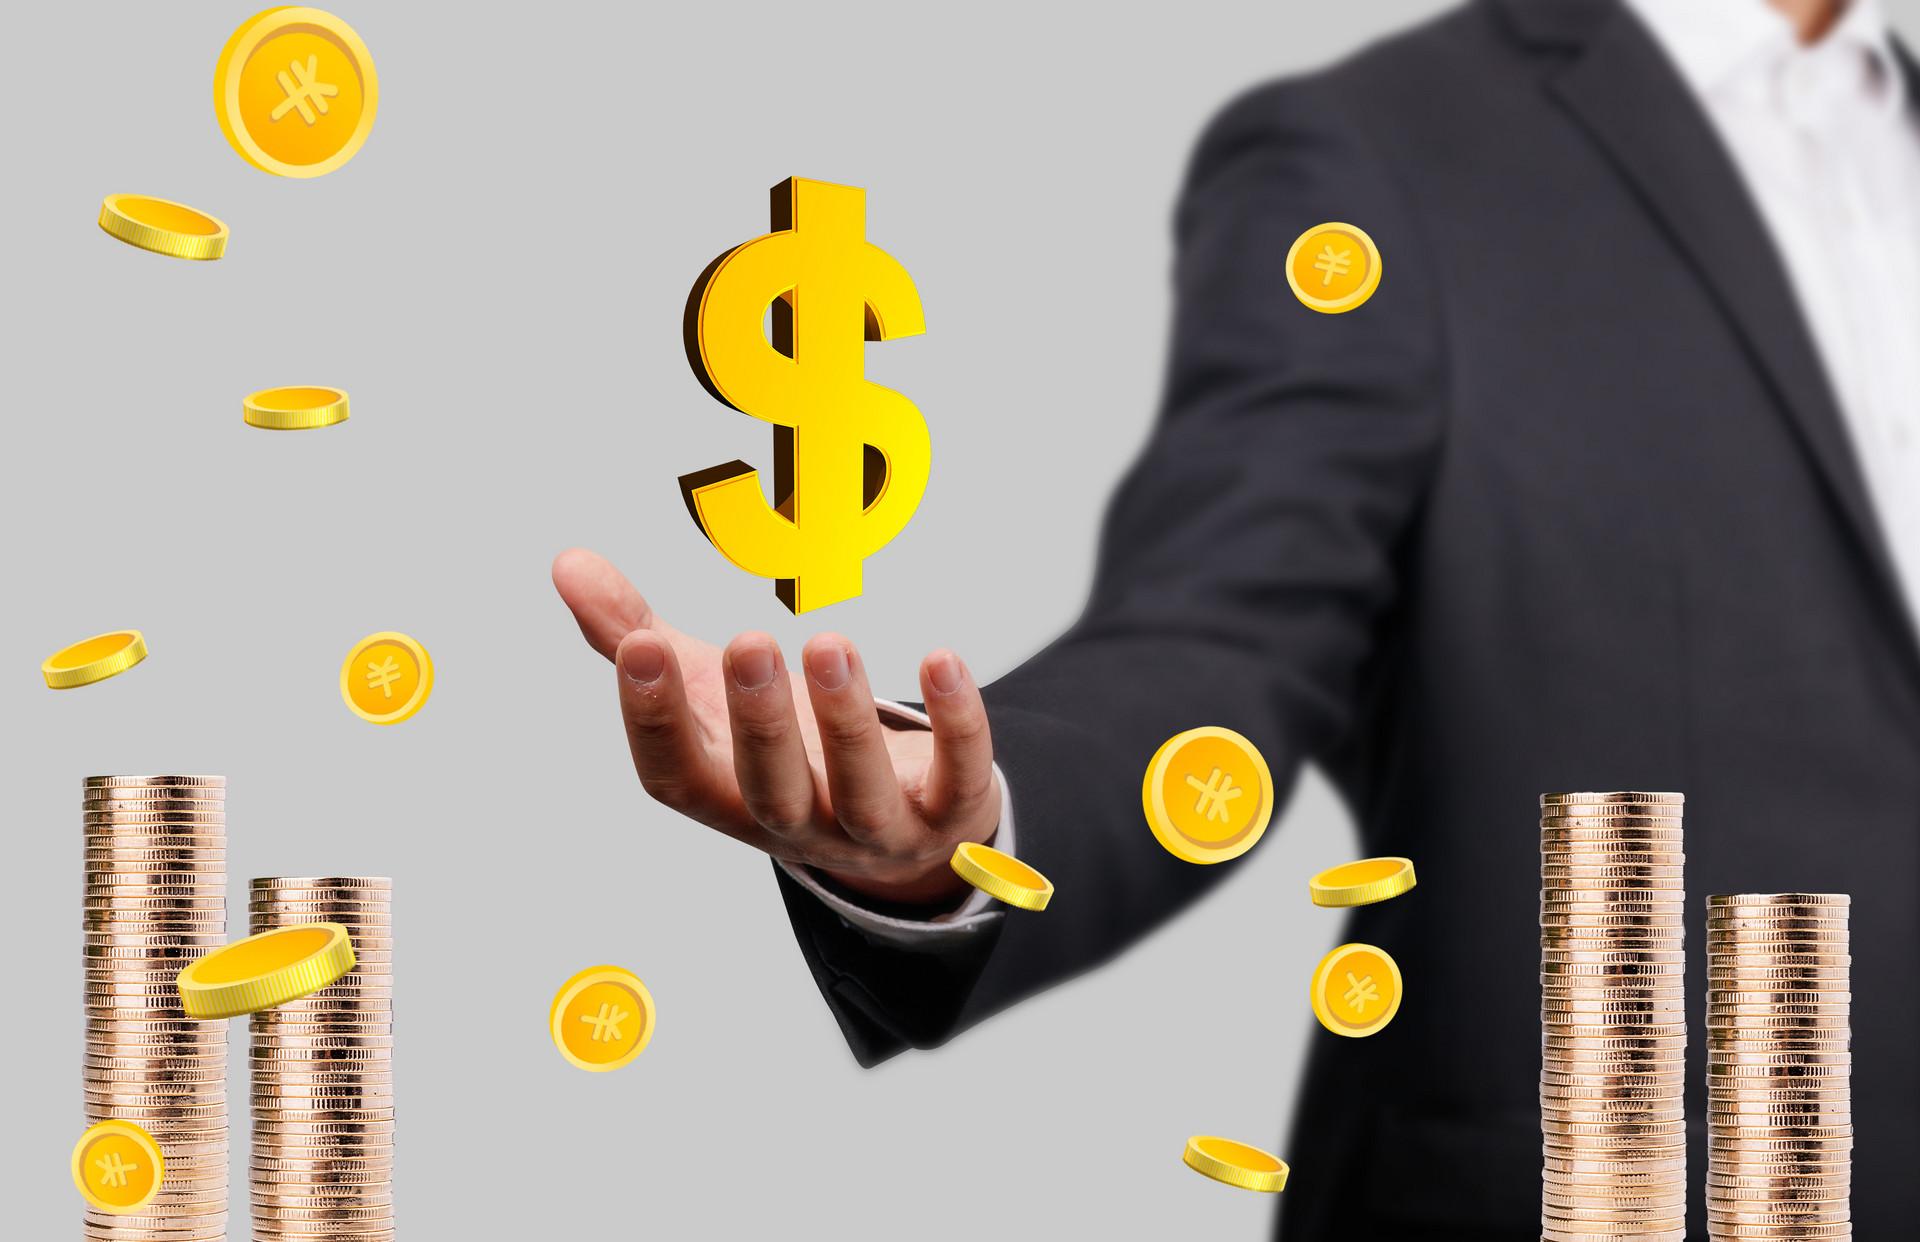 你不知道的10个基金小技巧:买入后撤销、基金挑选、定投、转换等